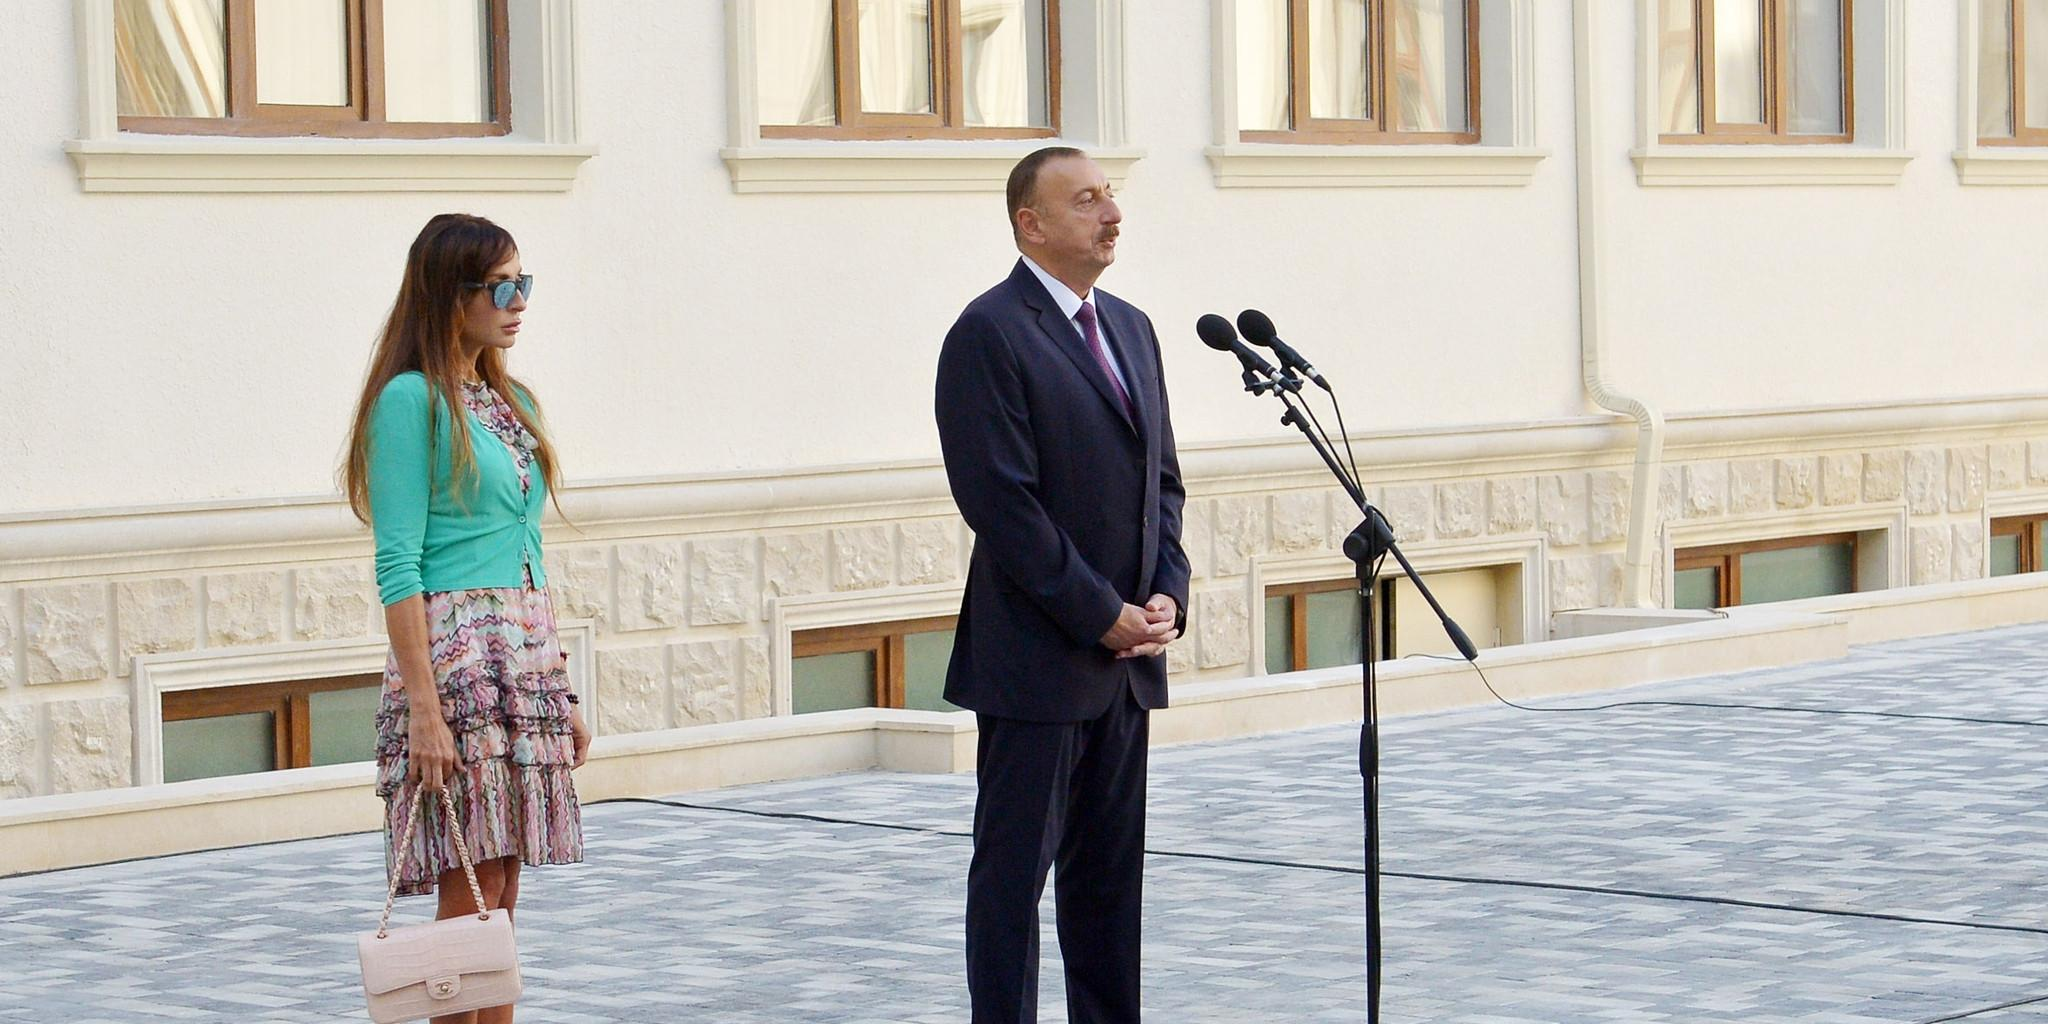 Prezident İlham Əliyev və xanımı yeni inşa olunmuş məktəbin açılışında iştirak ediblər